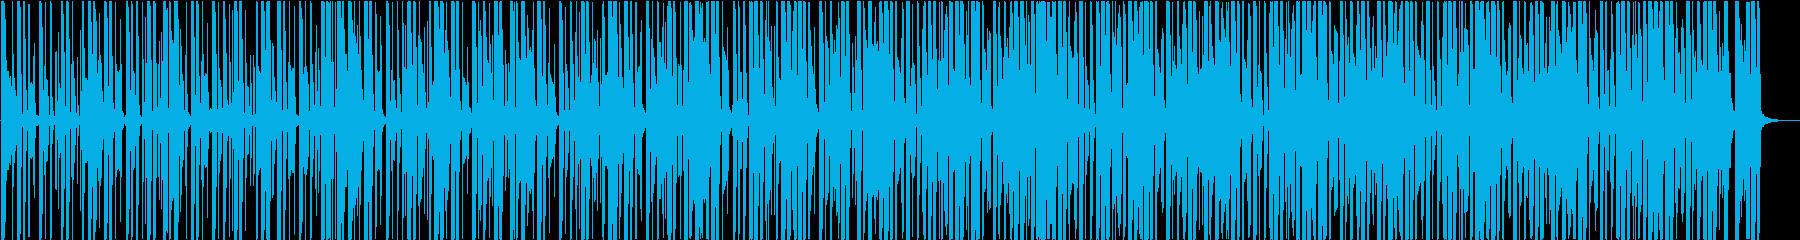 夏、ヒップホップ、レゲエ、おかしいの再生済みの波形